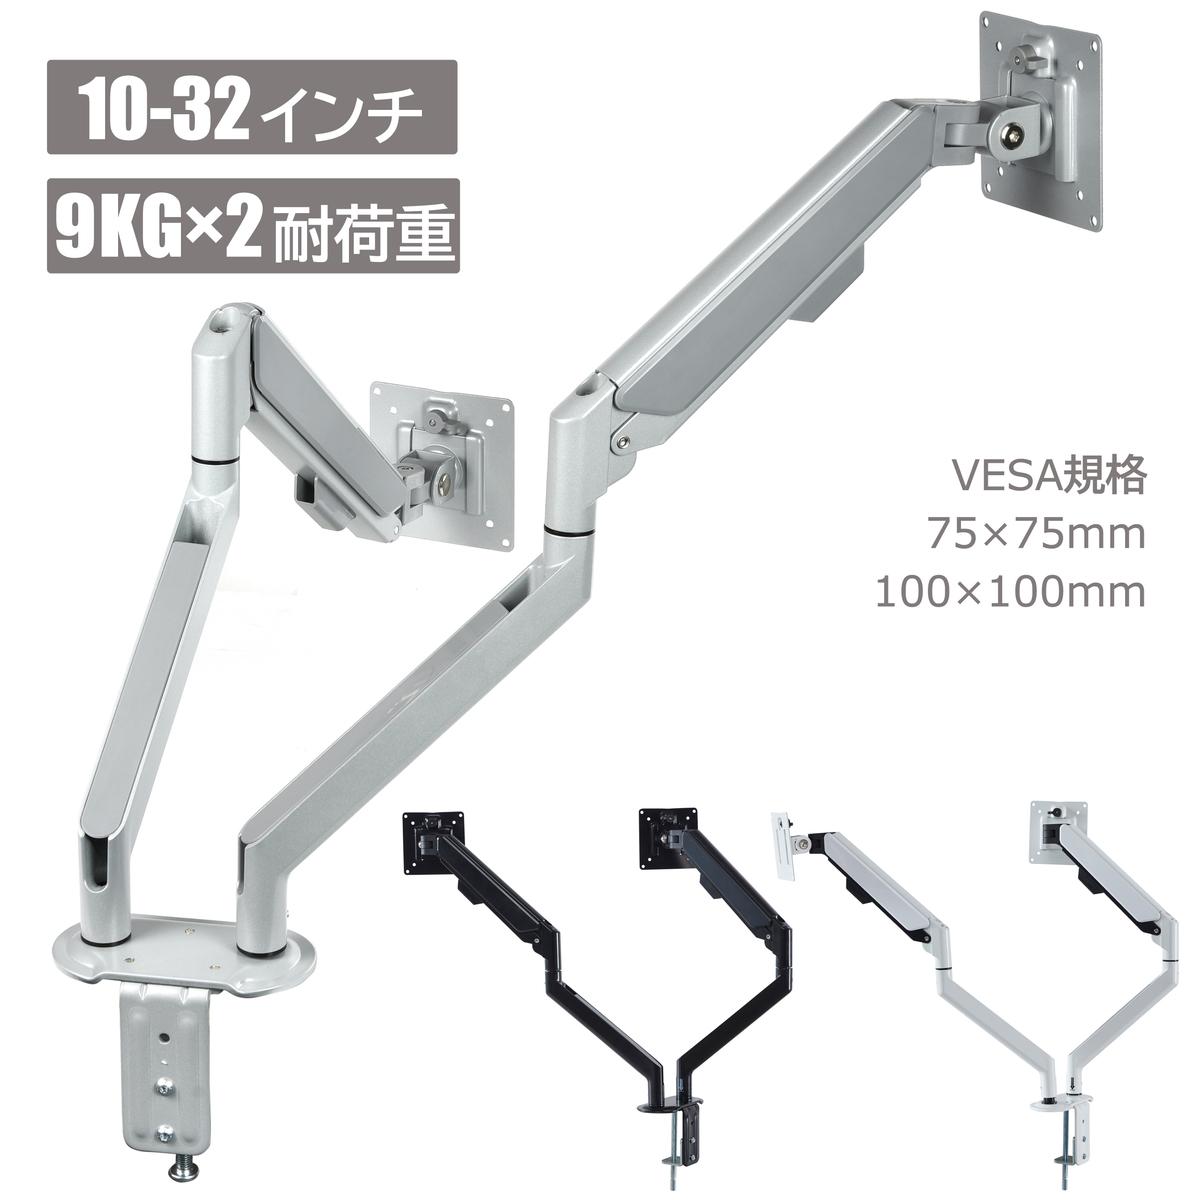 モニタアーム デュアルモニタアーム VESA規格対応 水平垂直多関節 32インチ対応 耐荷重9KG チープ ディスプレイアーム 液晶モニターアーム 送料無料 Sunon クランプ ガス圧式 水平垂直3関節 vesa対応 デュアルモニターアーム 耐荷重1.5-9KG 2画面モニターアーム 10~32インチ対応 ギフト アルミフレーム